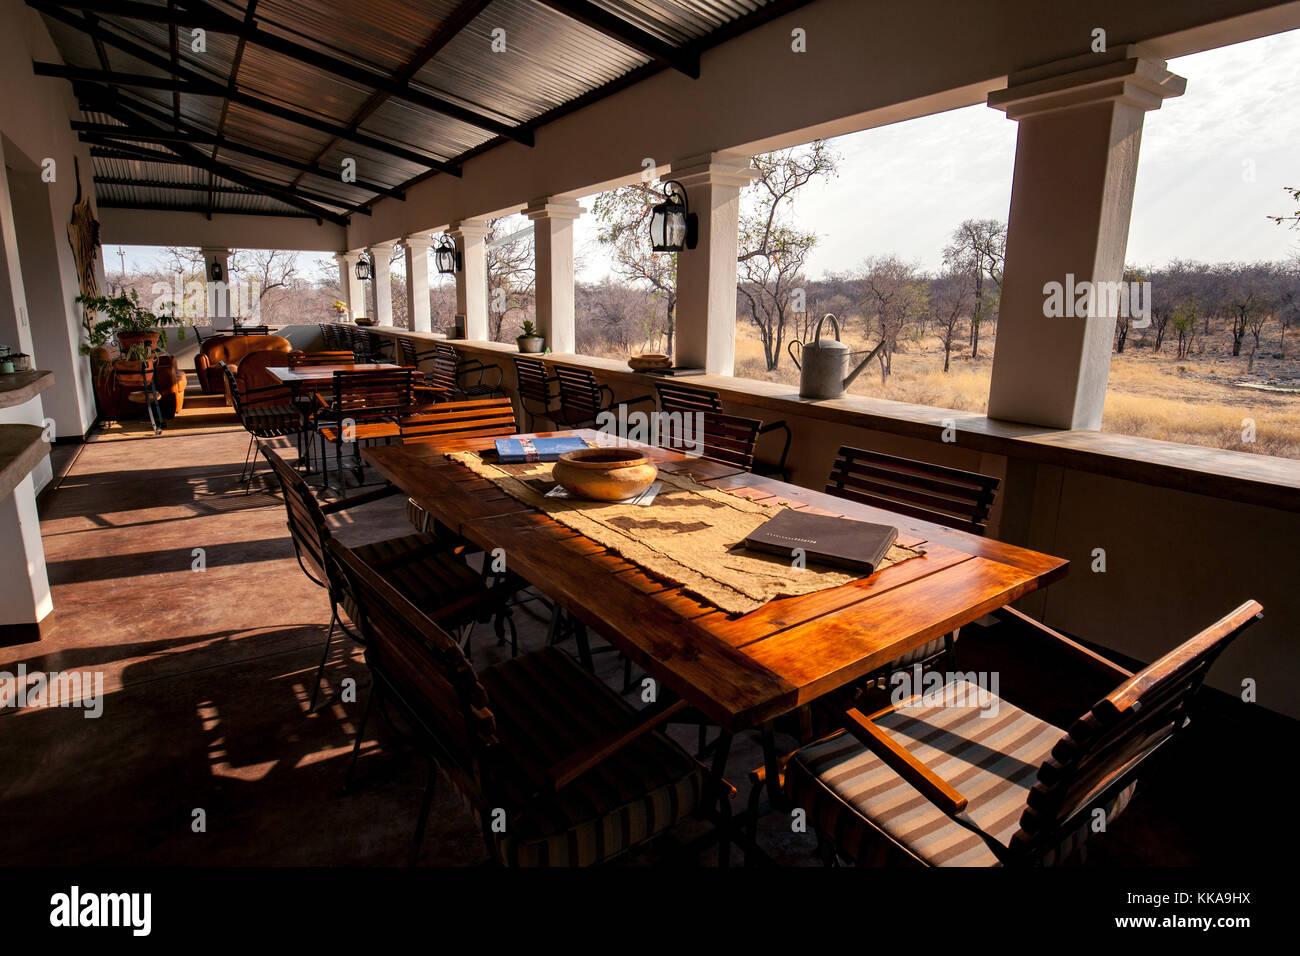 Area ristorante a tamboti campeggio di lusso, onguma Game Reserve, Namibia, Africa Immagini Stock